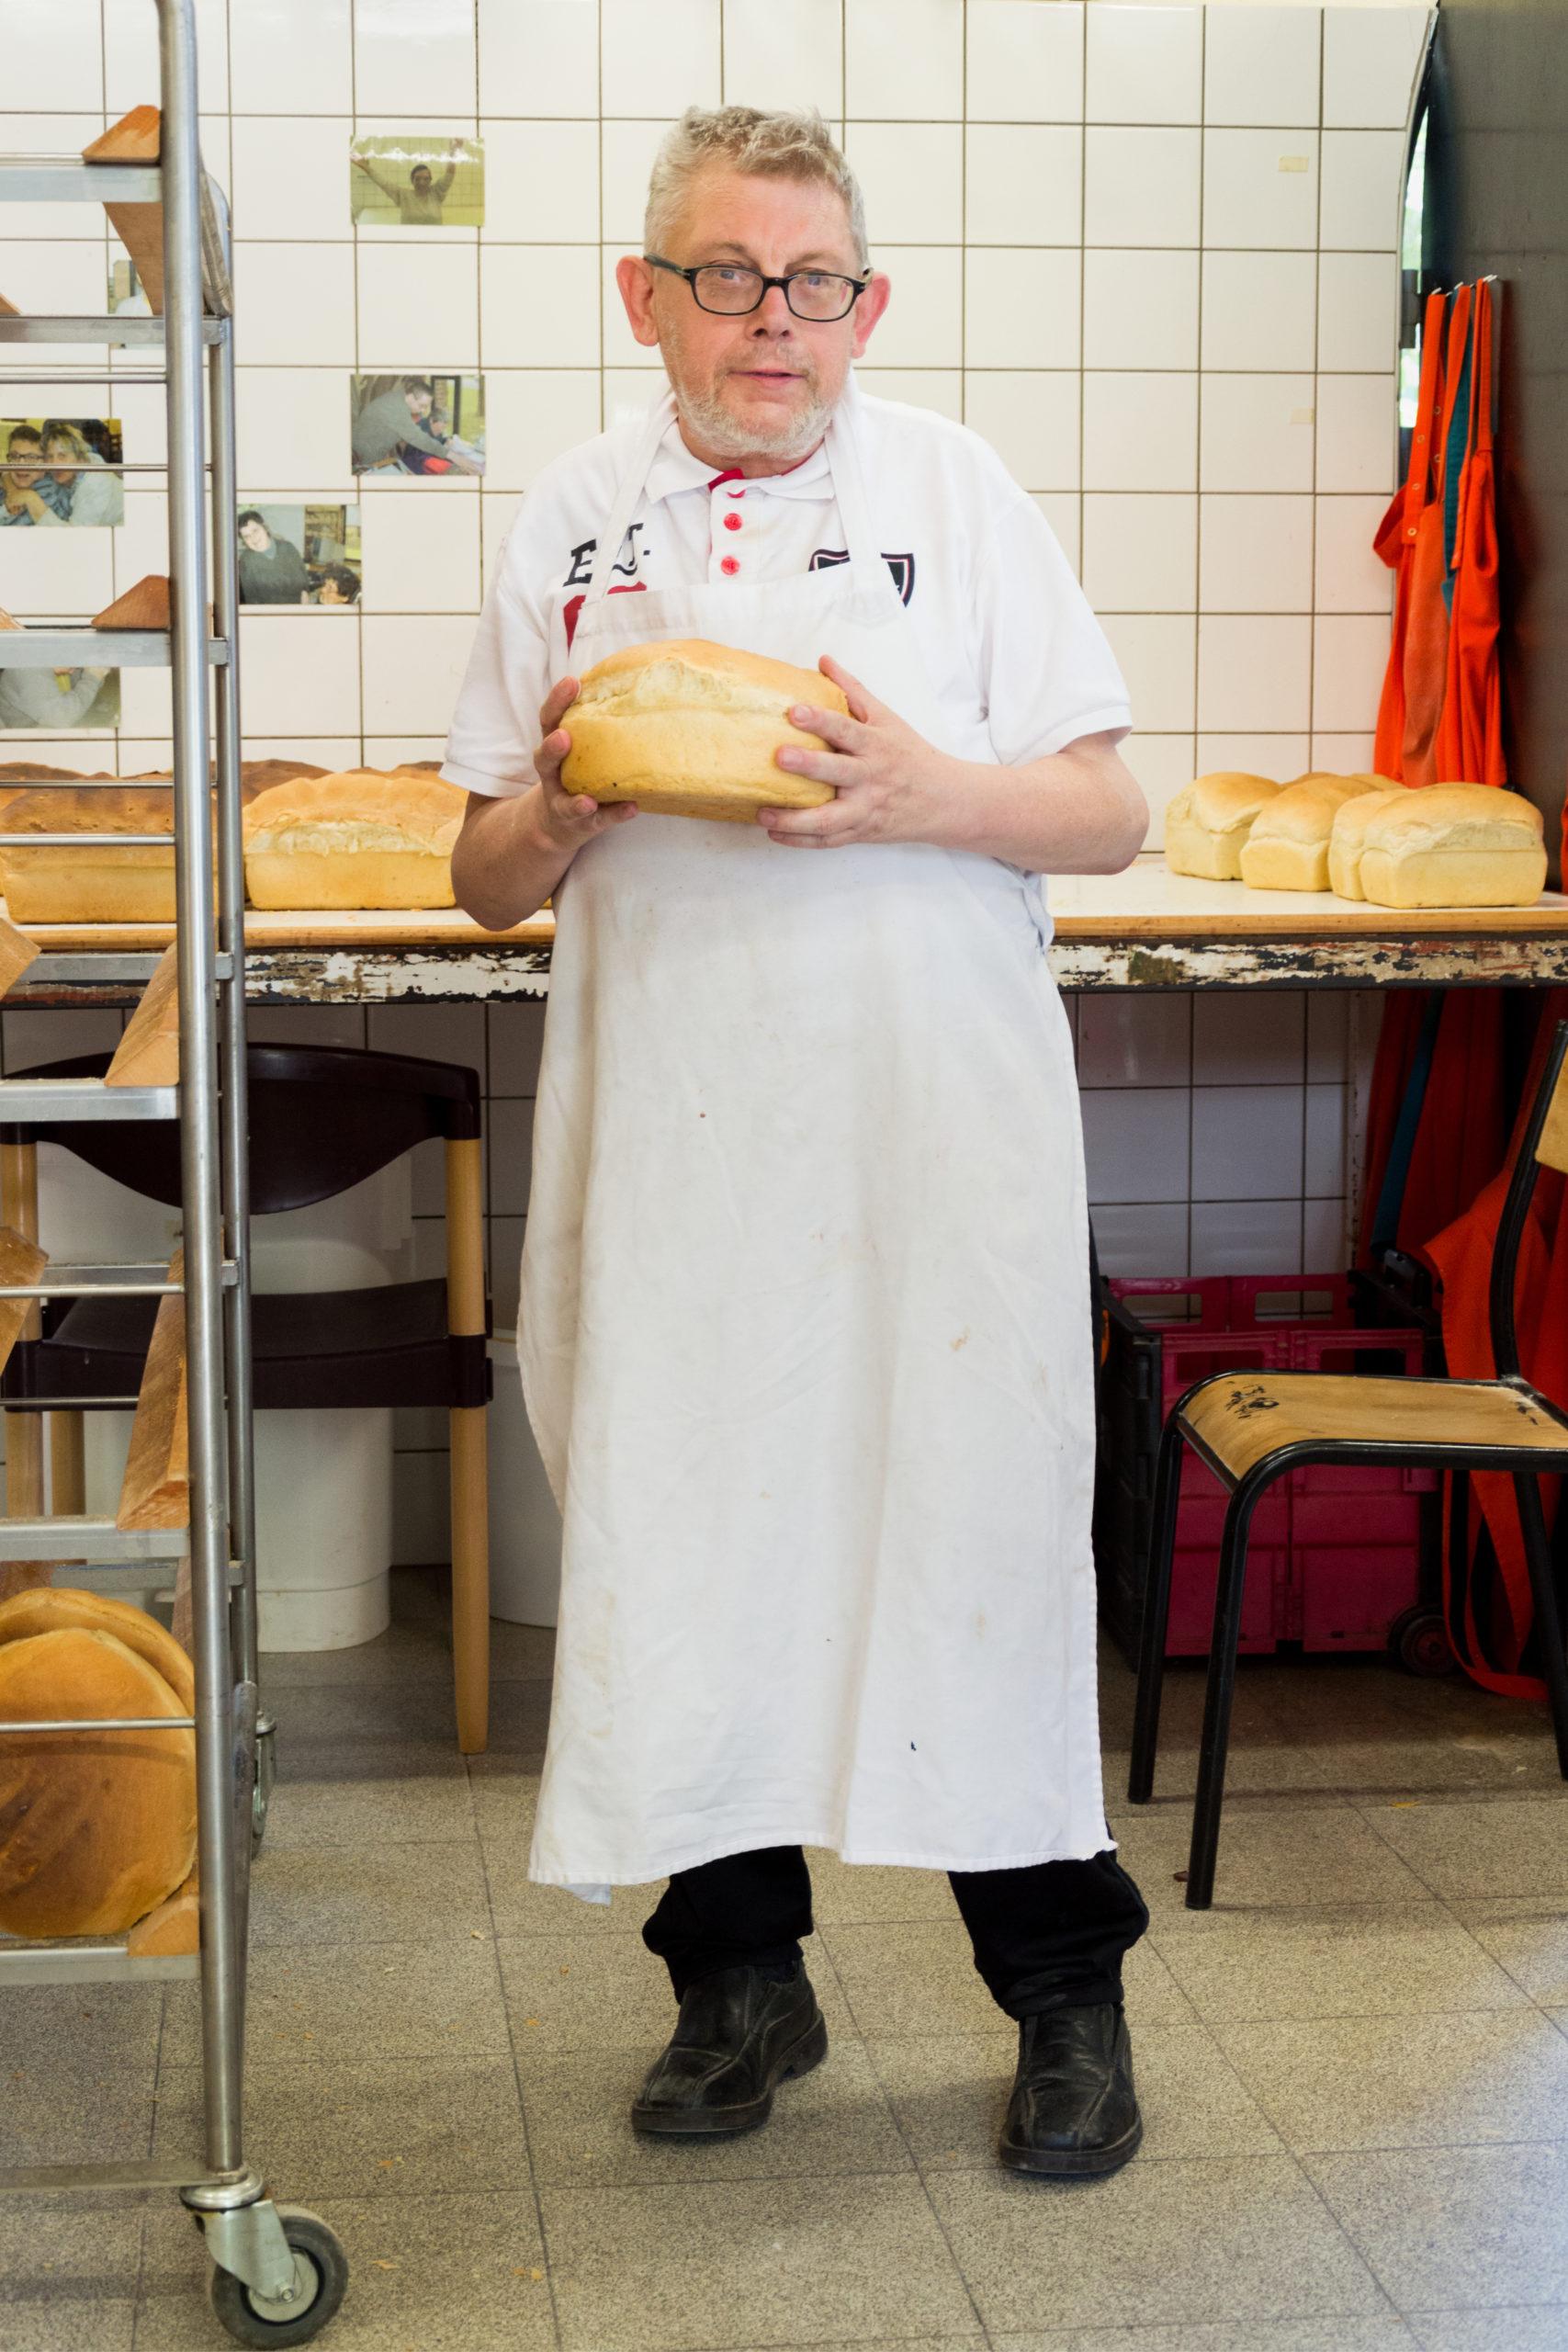 Homme handicapé dans une cuisine en habit de boulanger tenant en main un pain